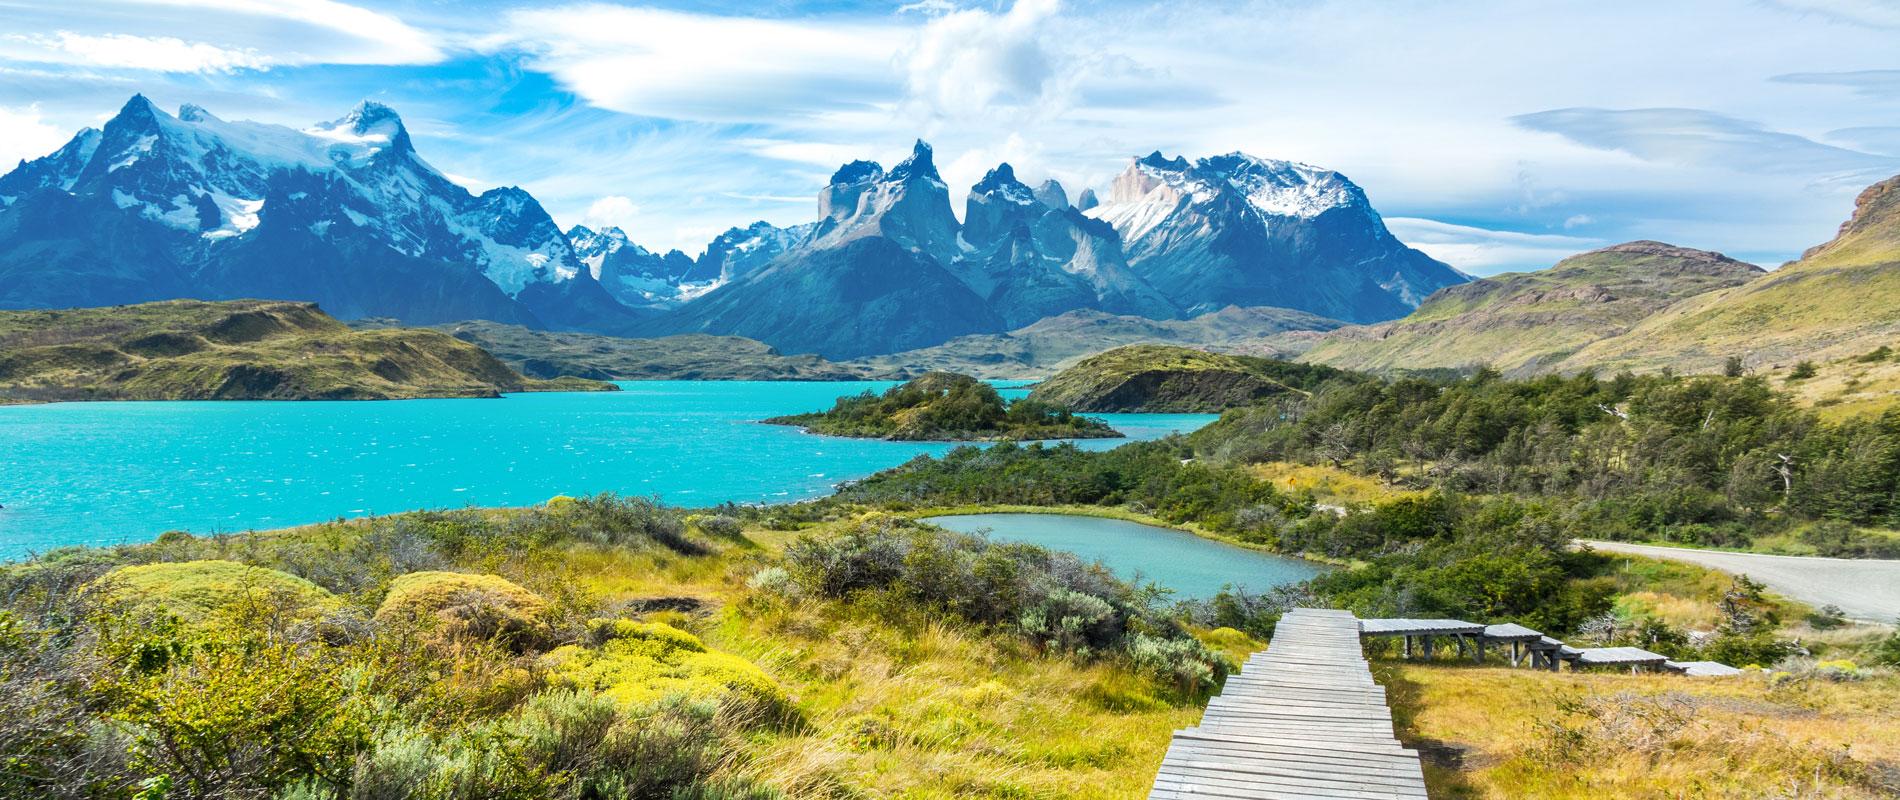 Chili |Patagonie - Torres del Paine